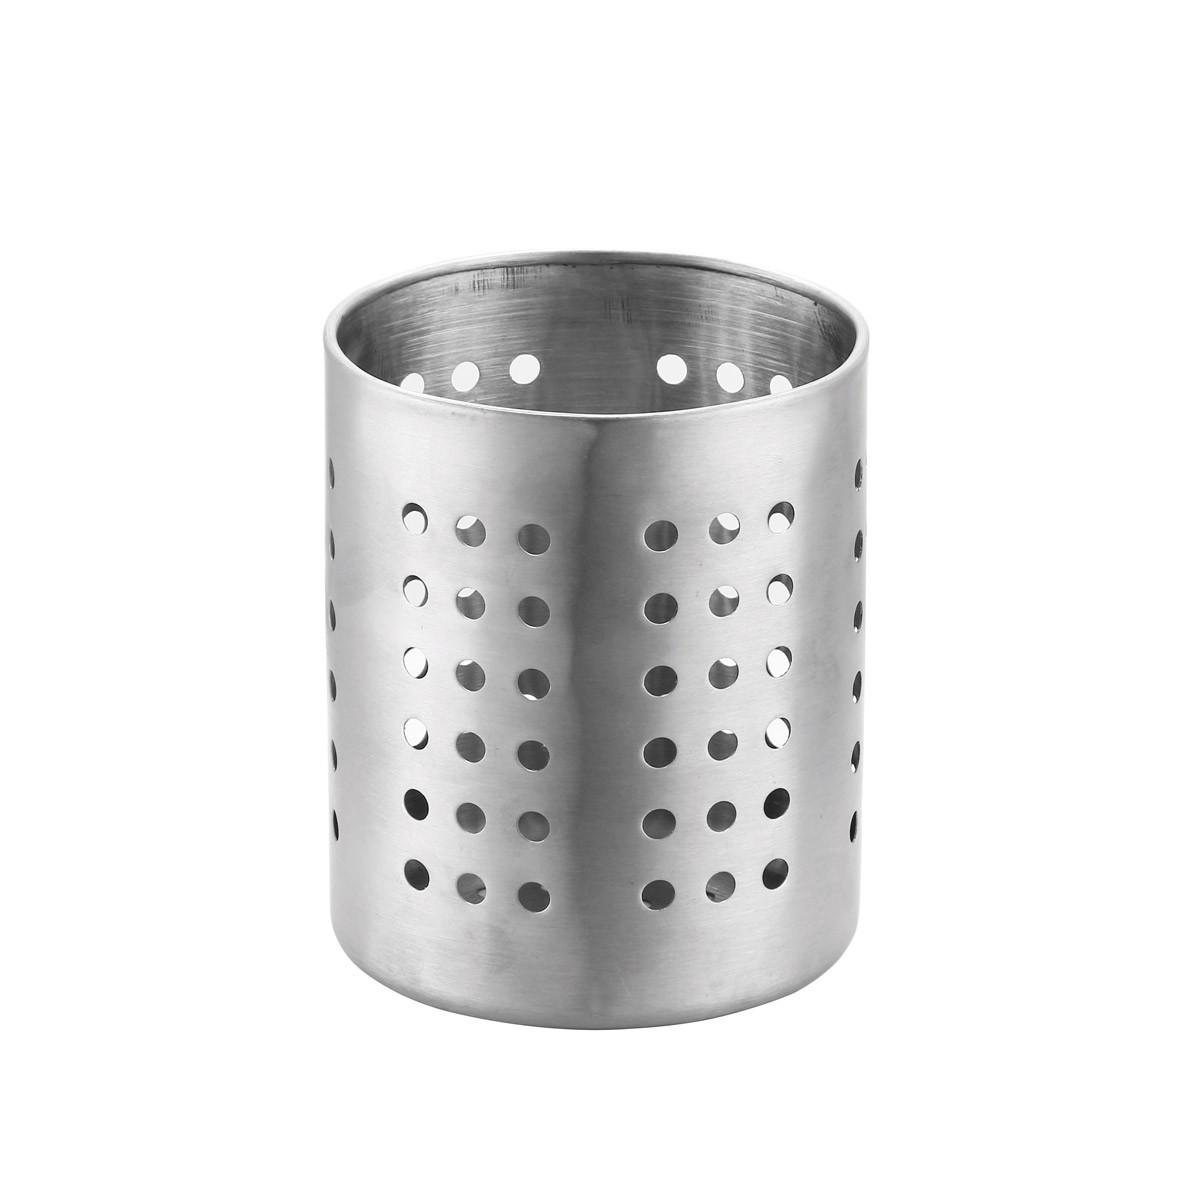 Κουταλοθήκη - Στραγγιστήρι εstia Nickel 01-1483 home   κουζίνα   τραπεζαρία   οργάνωση κουζίνας